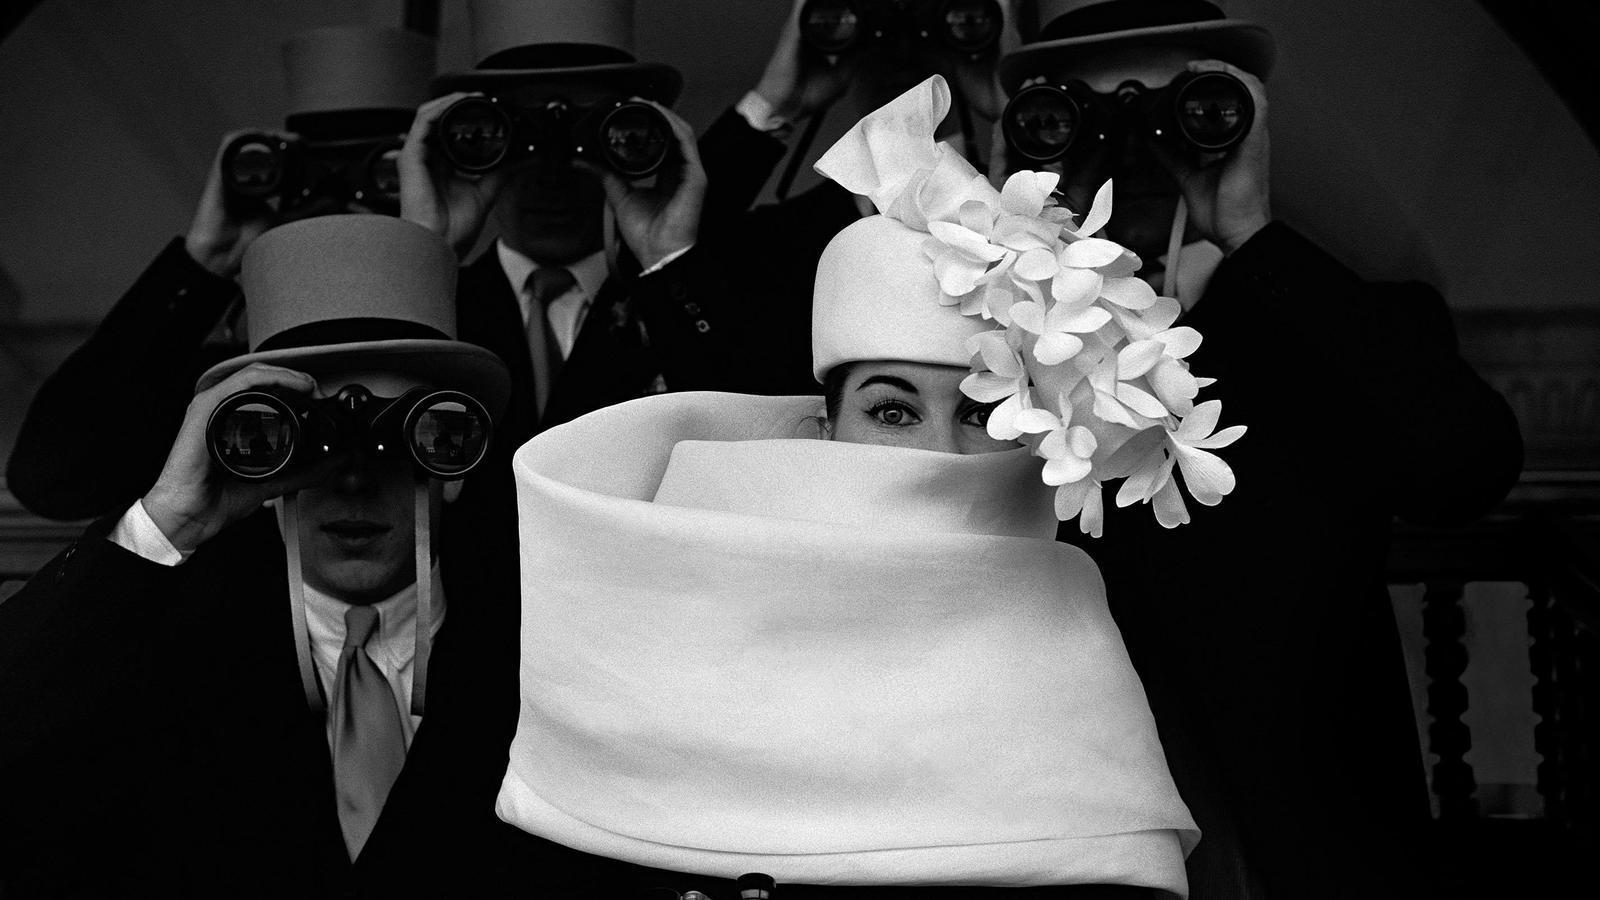 Les fotos d'alta costura són les que l'han fet més famós. En aquesta imatge del 1958 mostra un barret de Givenchy amb la model simulant estar a les carreres en un treball per a Jardin des Modes.